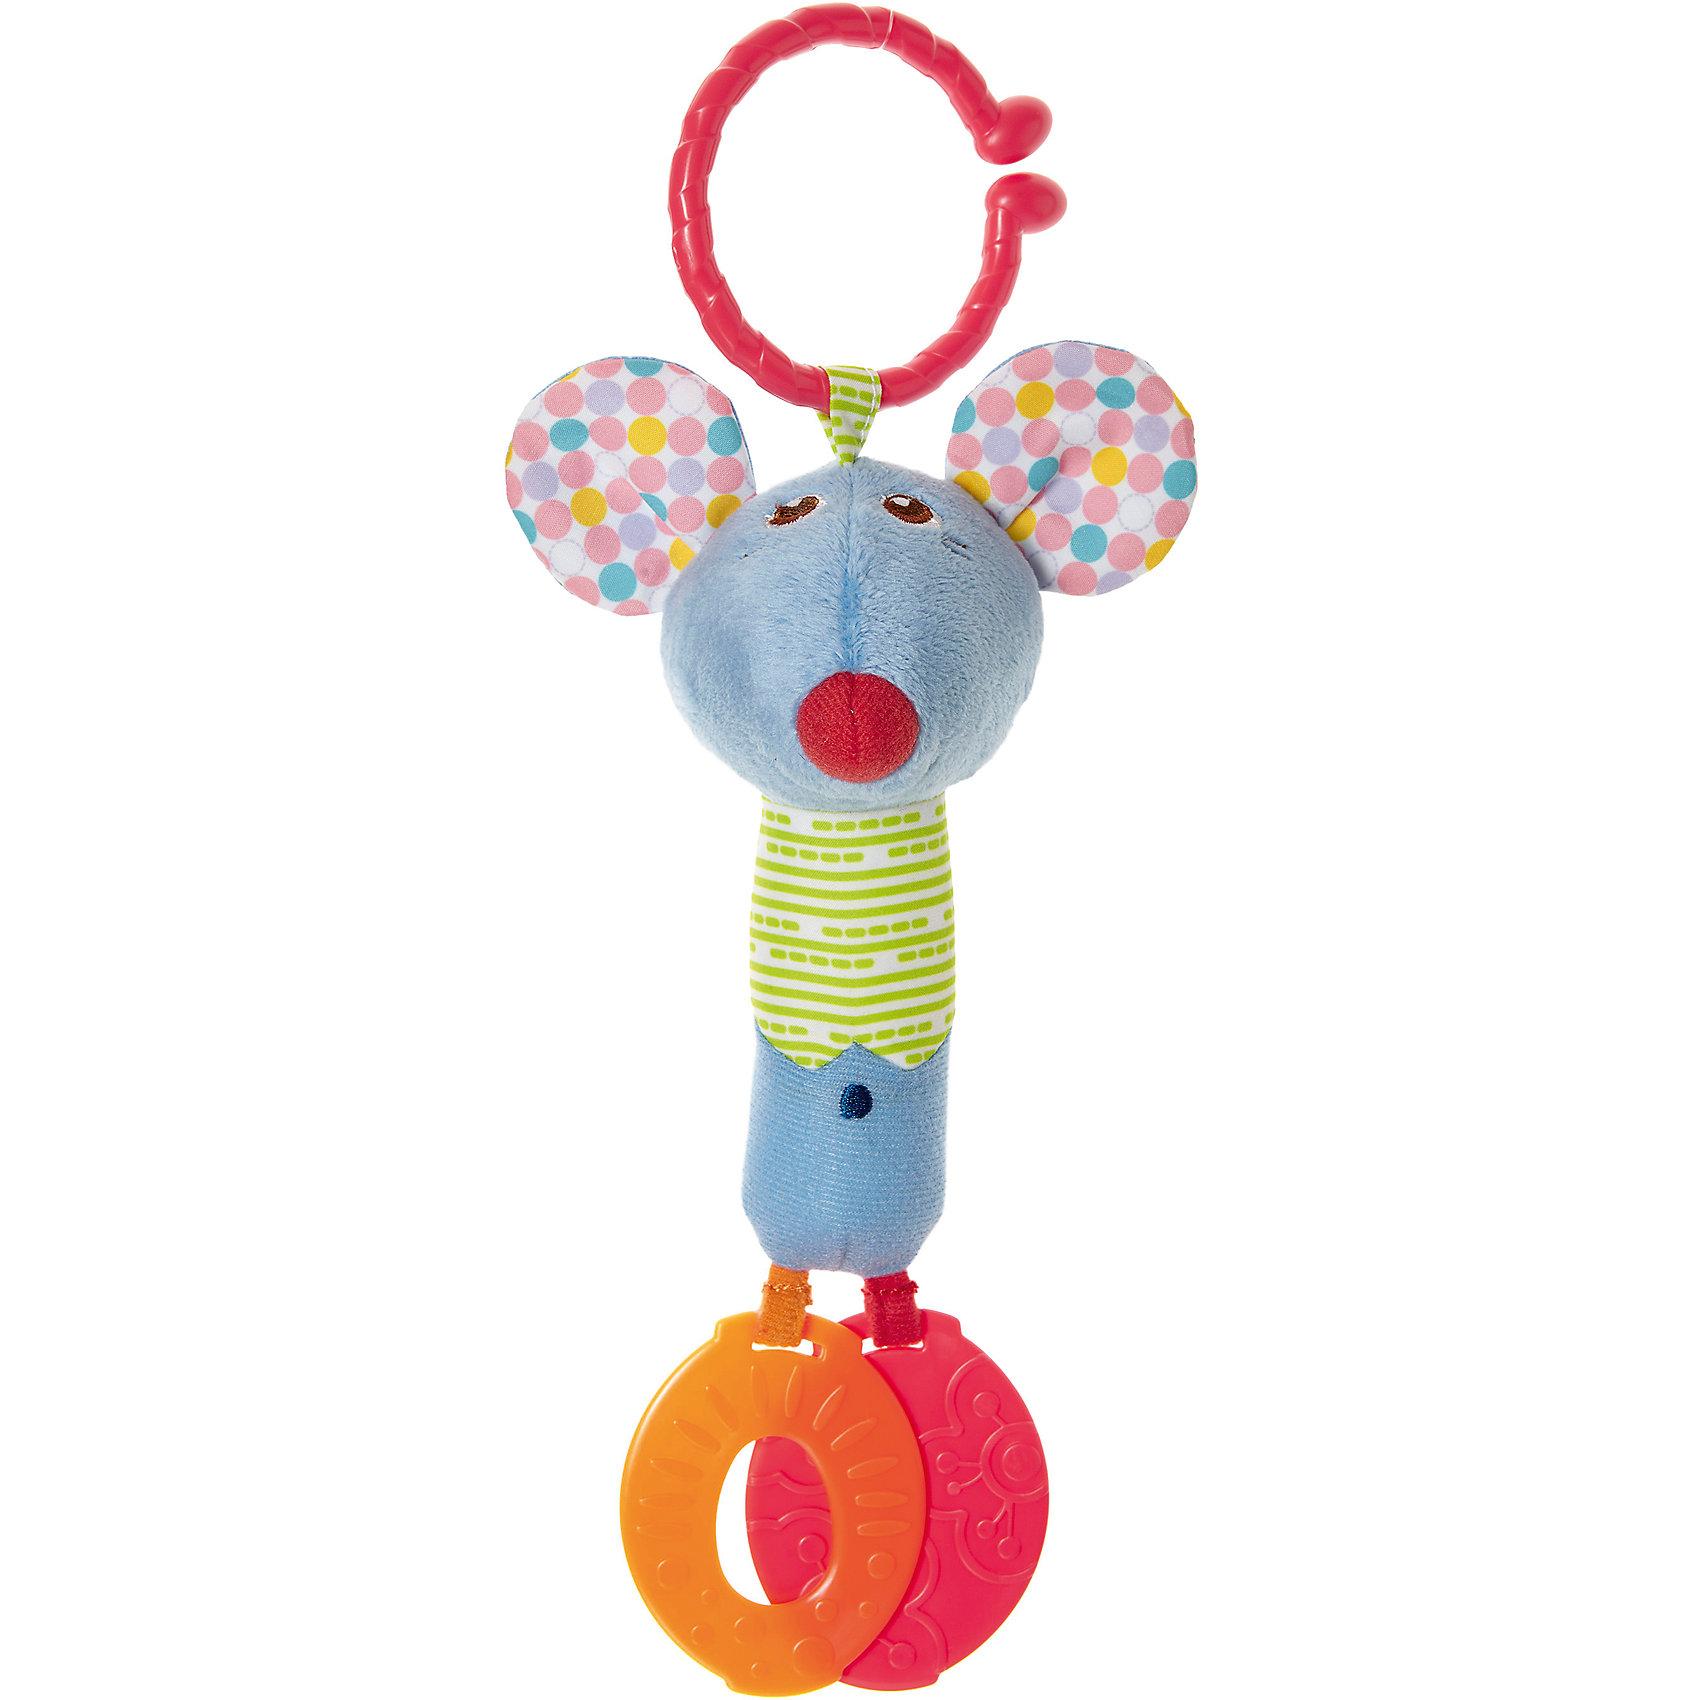 Погремушка для коляски Мышонок, CHICCOПодвески<br>Погремушка для коляски Мышонок, CHICCO (ЧИКО) – это многофункциональная развивающая игрушка.<br>Погремушка для коляски Мышонок выполнена из мягкой ткани разной фактуры, у игрушки есть удобное крепление в виде широкого разомкнутого колечка для подвешивания ее к бортику кроватки или бамперу коляски, благодаря которому можно взять игрушку на прогулку. У мышонка забавная мордочка, в уши игрушки вставлены шуршащие элементы. К ножкам мышонка прикреплены прорезыватели, которые помогут малышу снять неприятные ощущения при появлении первых зубов. Яркая игрушка поможет развить у малыша мелкую моторику рук, звуковое и зрительное восприятие, тактильные ощущения, координацию движений, а милый жизнерадостный образ подарит малышу хорошее настроение.<br><br>Дополнительная информация:<br><br>- Материал: текстиль, пластик<br>- Размер упаковки: 188х142х70 мм.<br>- Вес: 75 гр.<br>- Уход: допускается машинная стирка игрушки при 30 градусах<br><br>Погремушку для коляски Мышонок, CHICCO (ЧИКО) можно купить в нашем интернет-магазине.<br><br>Ширина мм: 188<br>Глубина мм: 142<br>Высота мм: 70<br>Вес г: 75<br>Возраст от месяцев: 6<br>Возраст до месяцев: 36<br>Пол: Унисекс<br>Возраст: Детский<br>SKU: 4577222